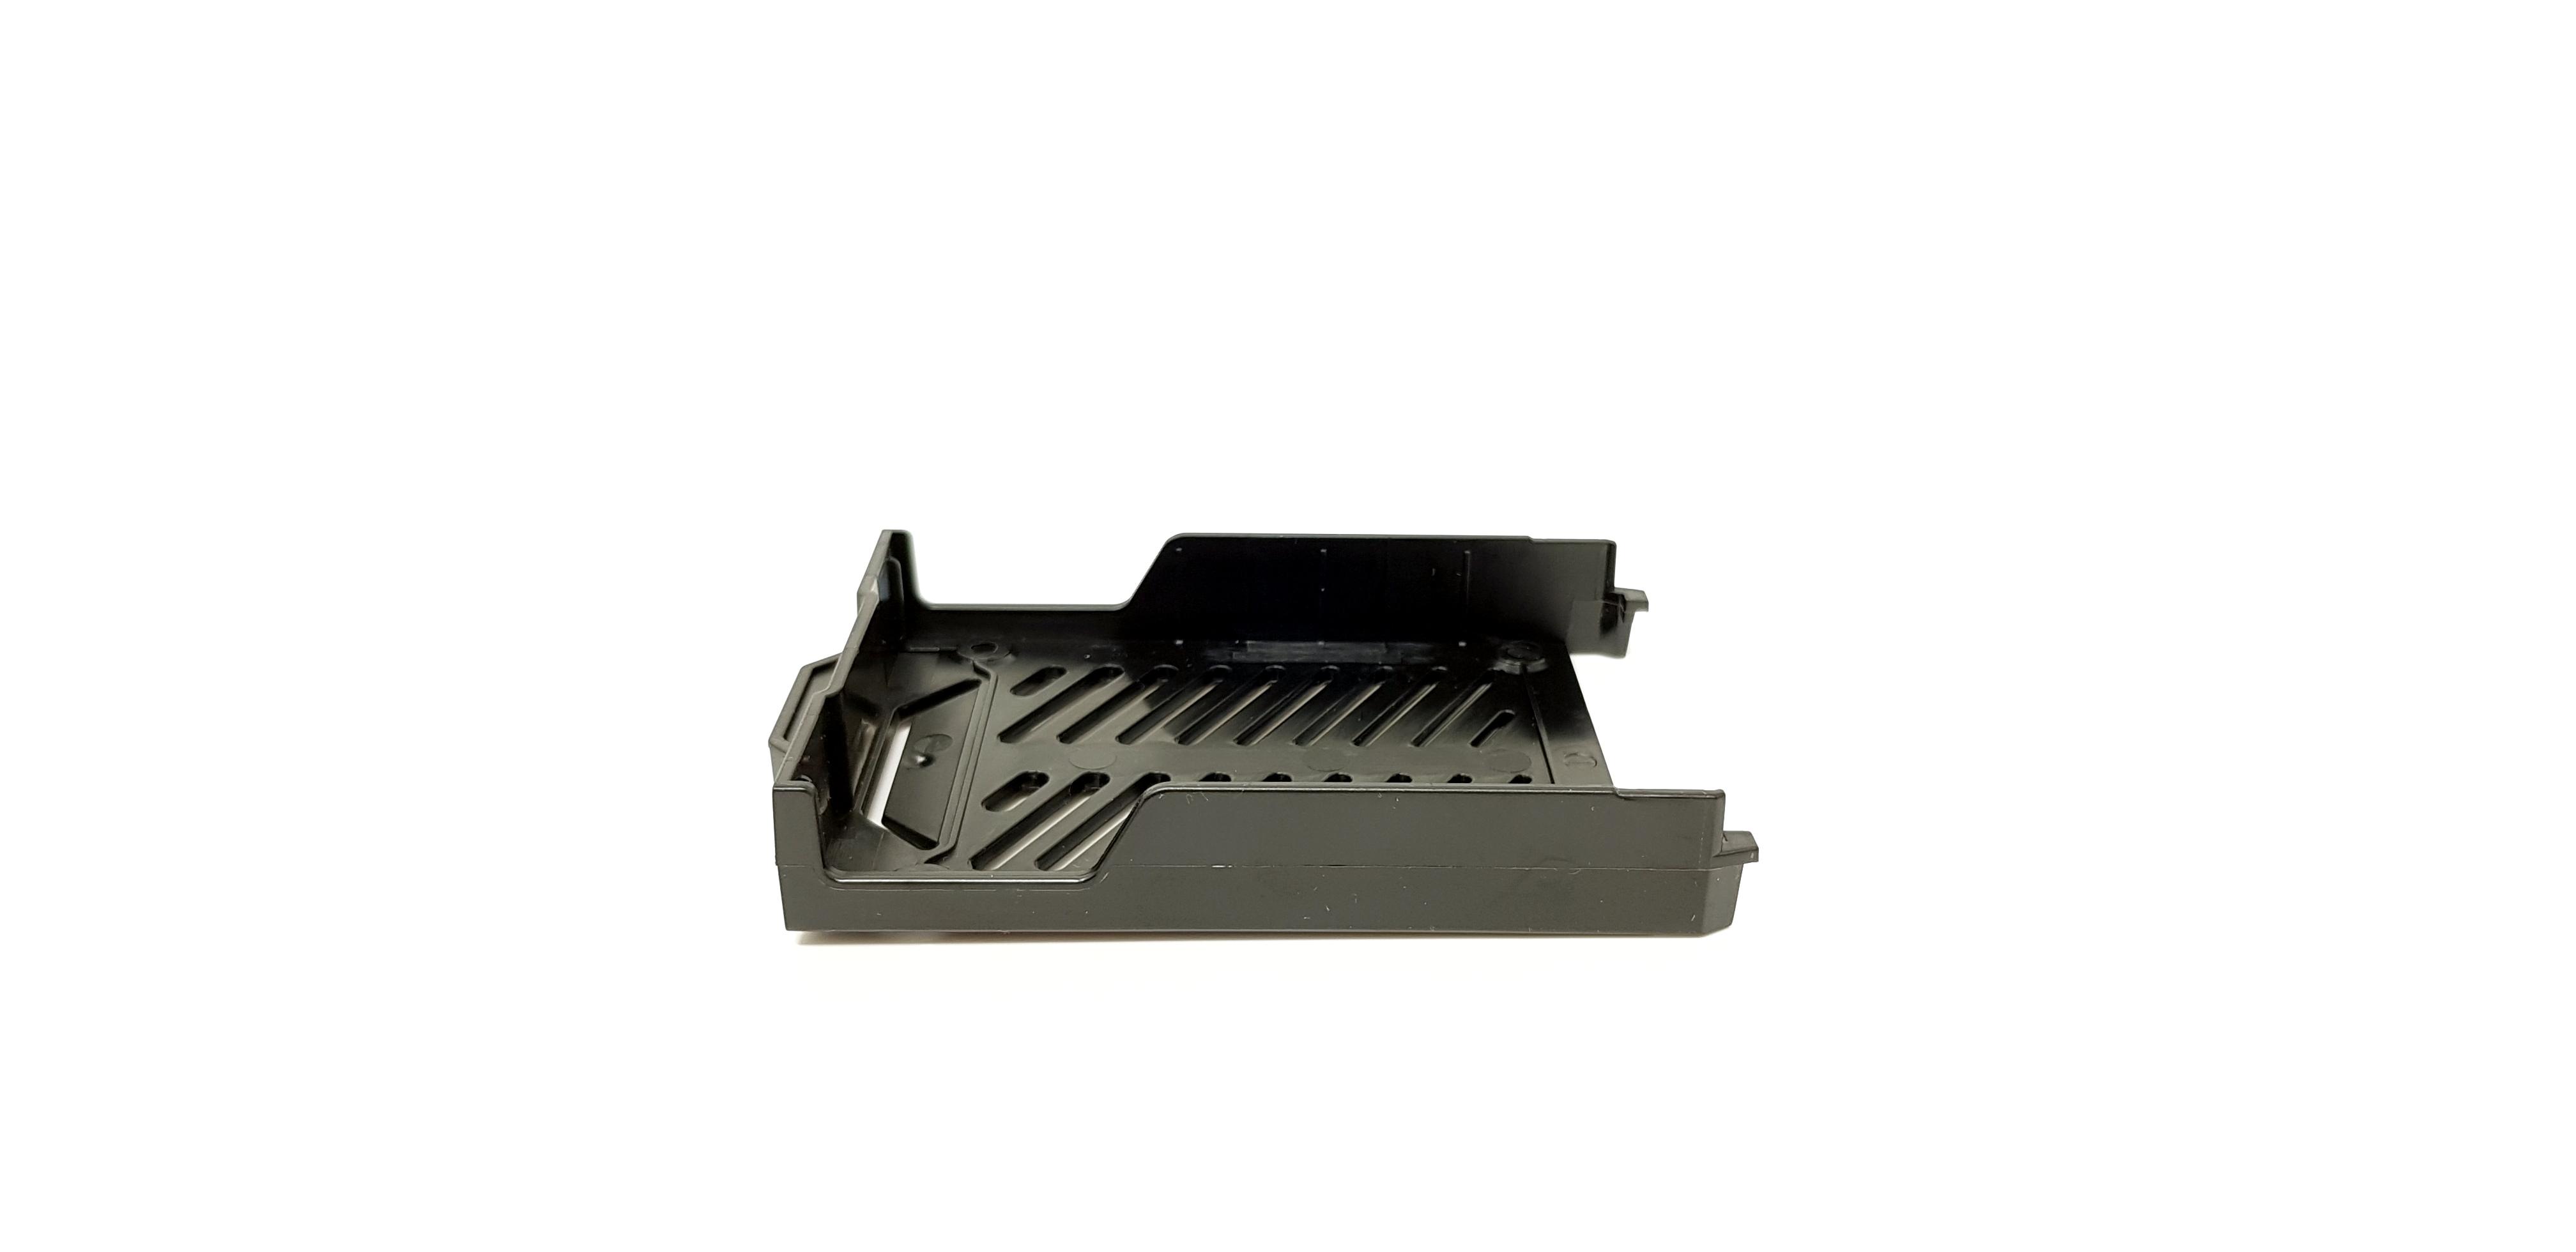 Dreambox DM900 UHD Festplattenhalter